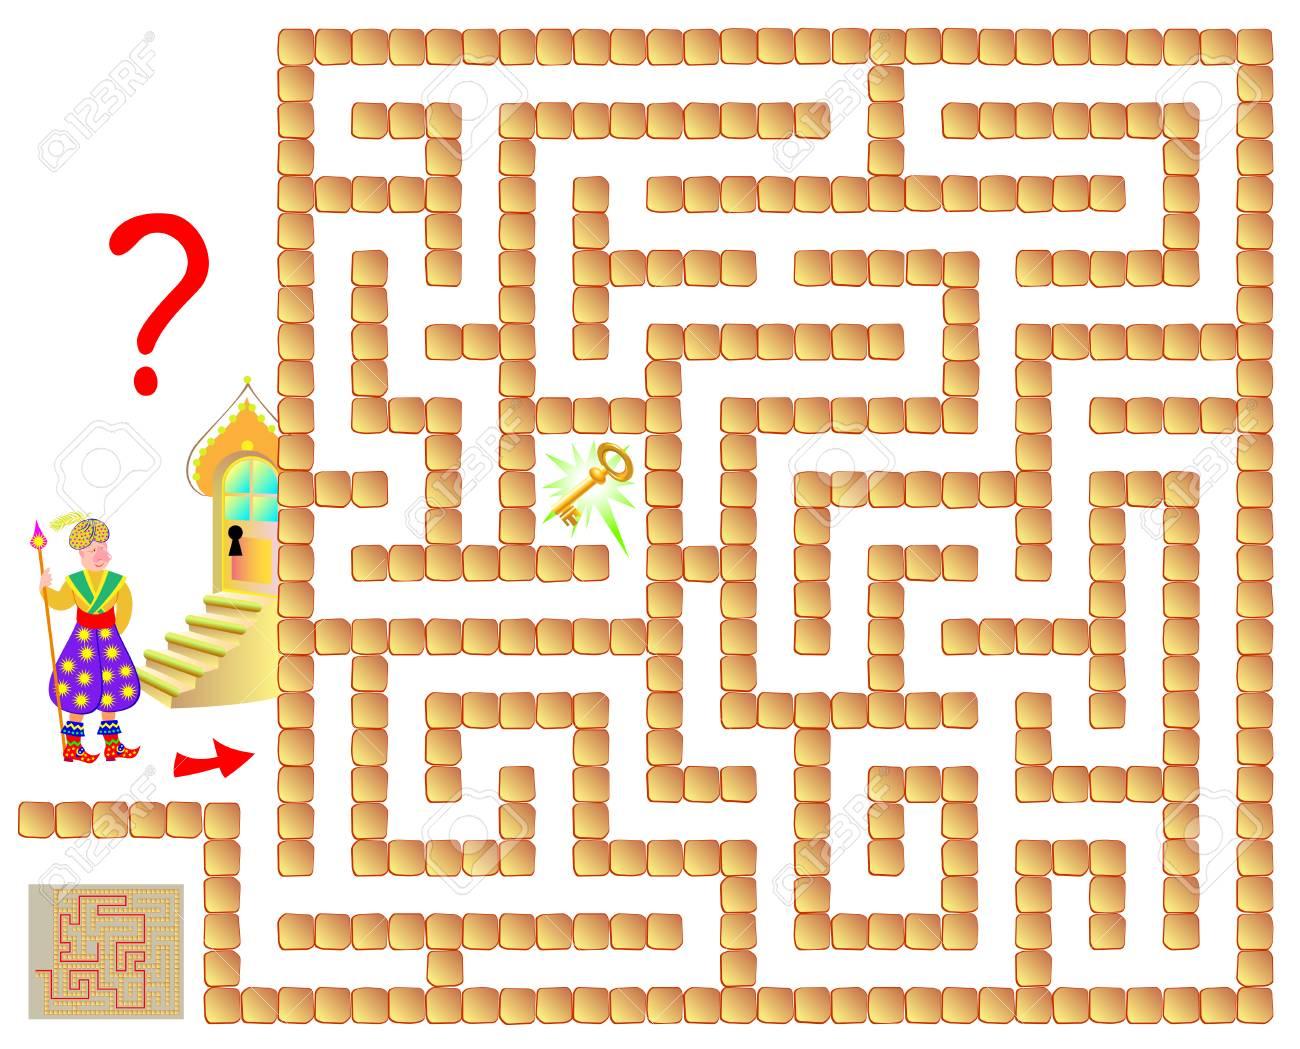 Logik-Puzzle-Spiel Mit Labyrinth Für Kinder Und Erwachsene. Hilf Dem ...